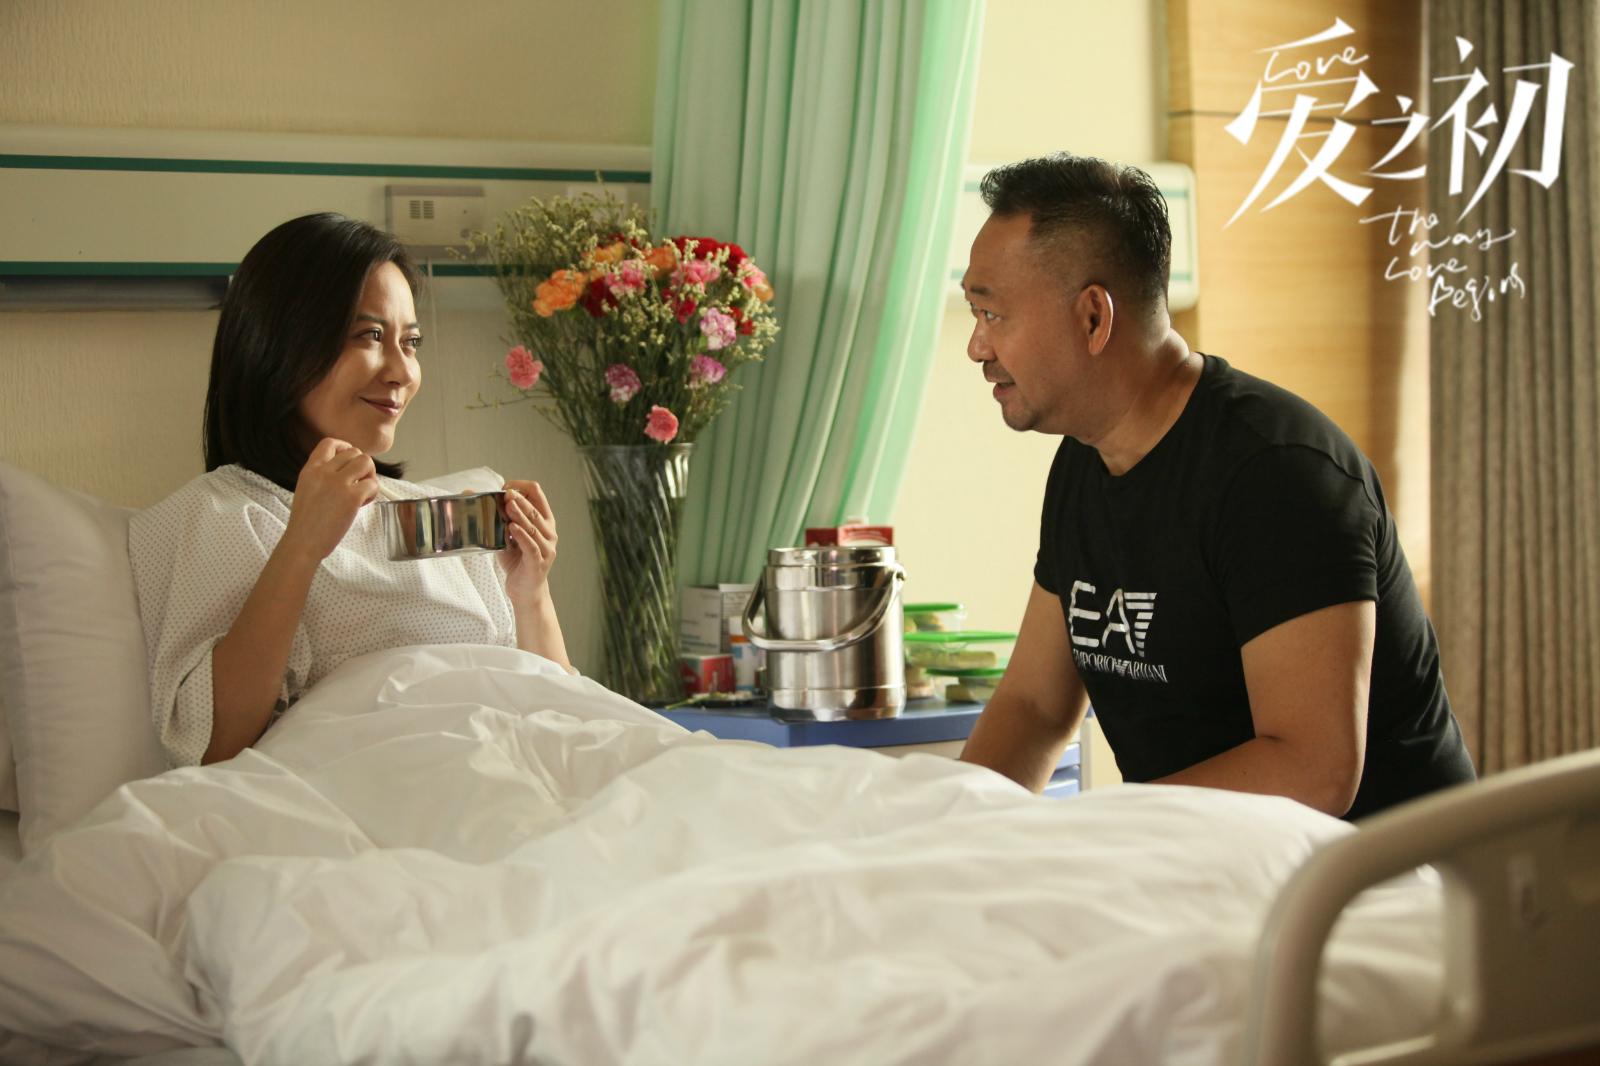 《爱之初》姜武俞飞鸿追爱,颜丙燕成搞笑担当图片